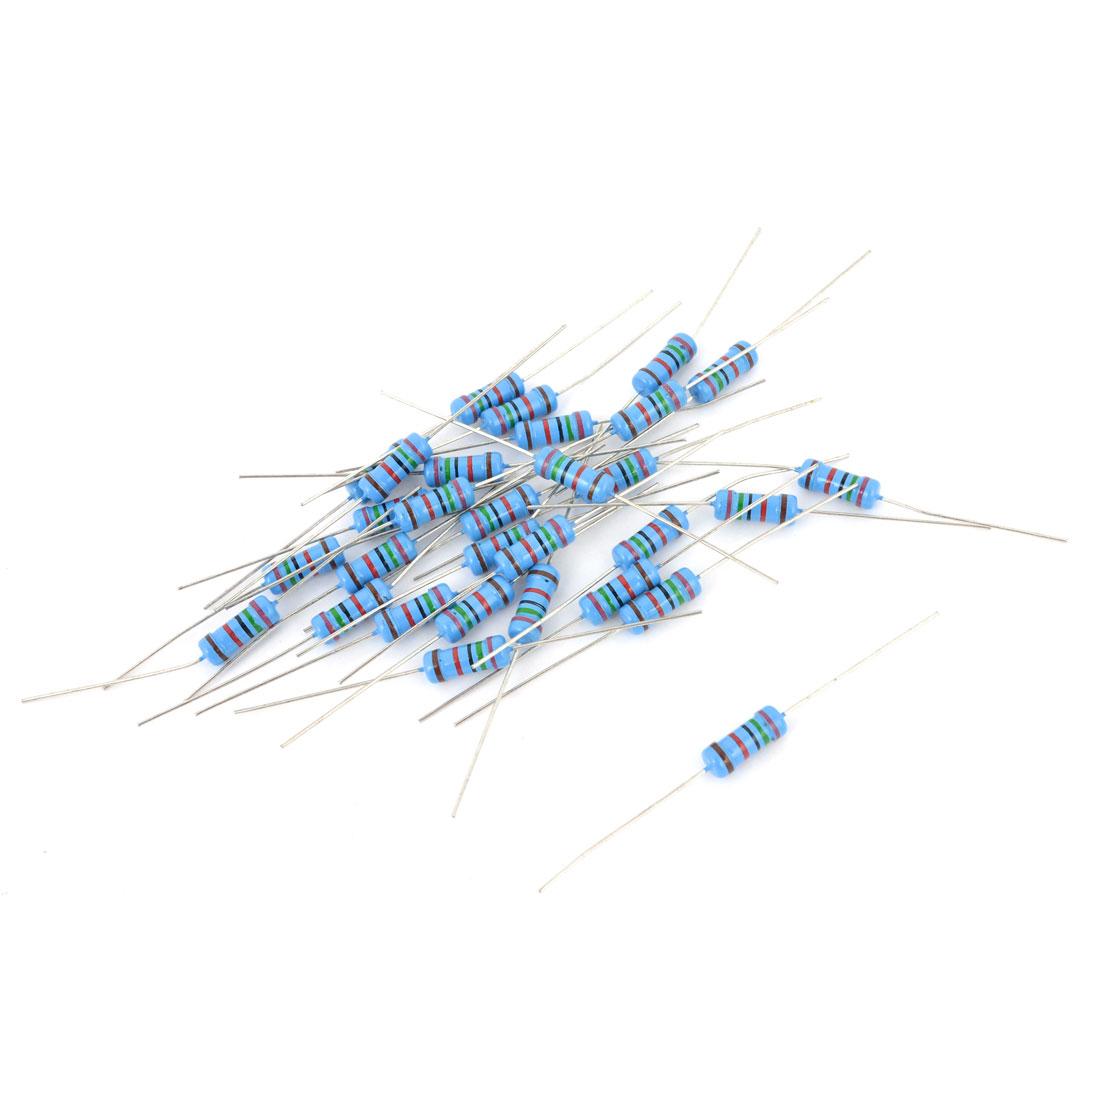 30 Pcs 1 W 1% Tolerance 75K Ohm Axial Lead Oxide Metal Film Resistor